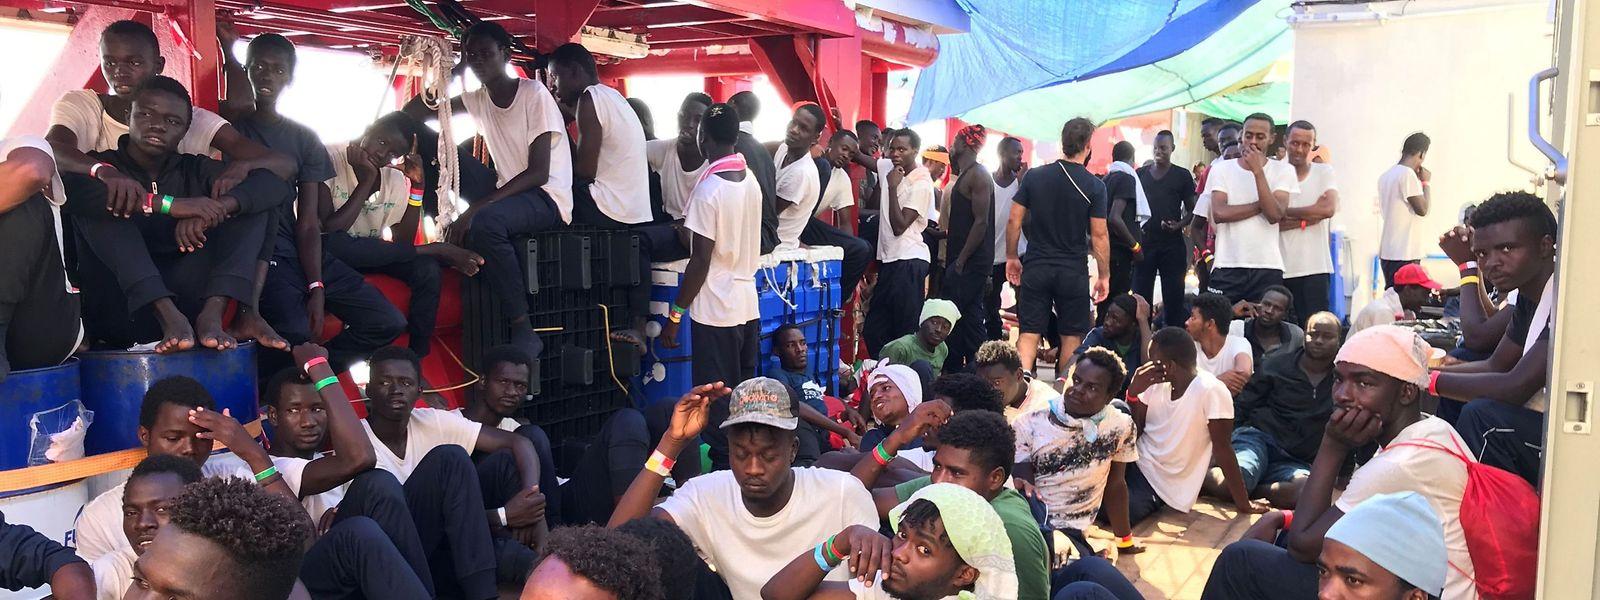 Depuis l'automne dernier, le Luxembourg a déjà accepté 56 migrants qui avaient été recueillis en Méditerranée sur des bateaux humanitaires.